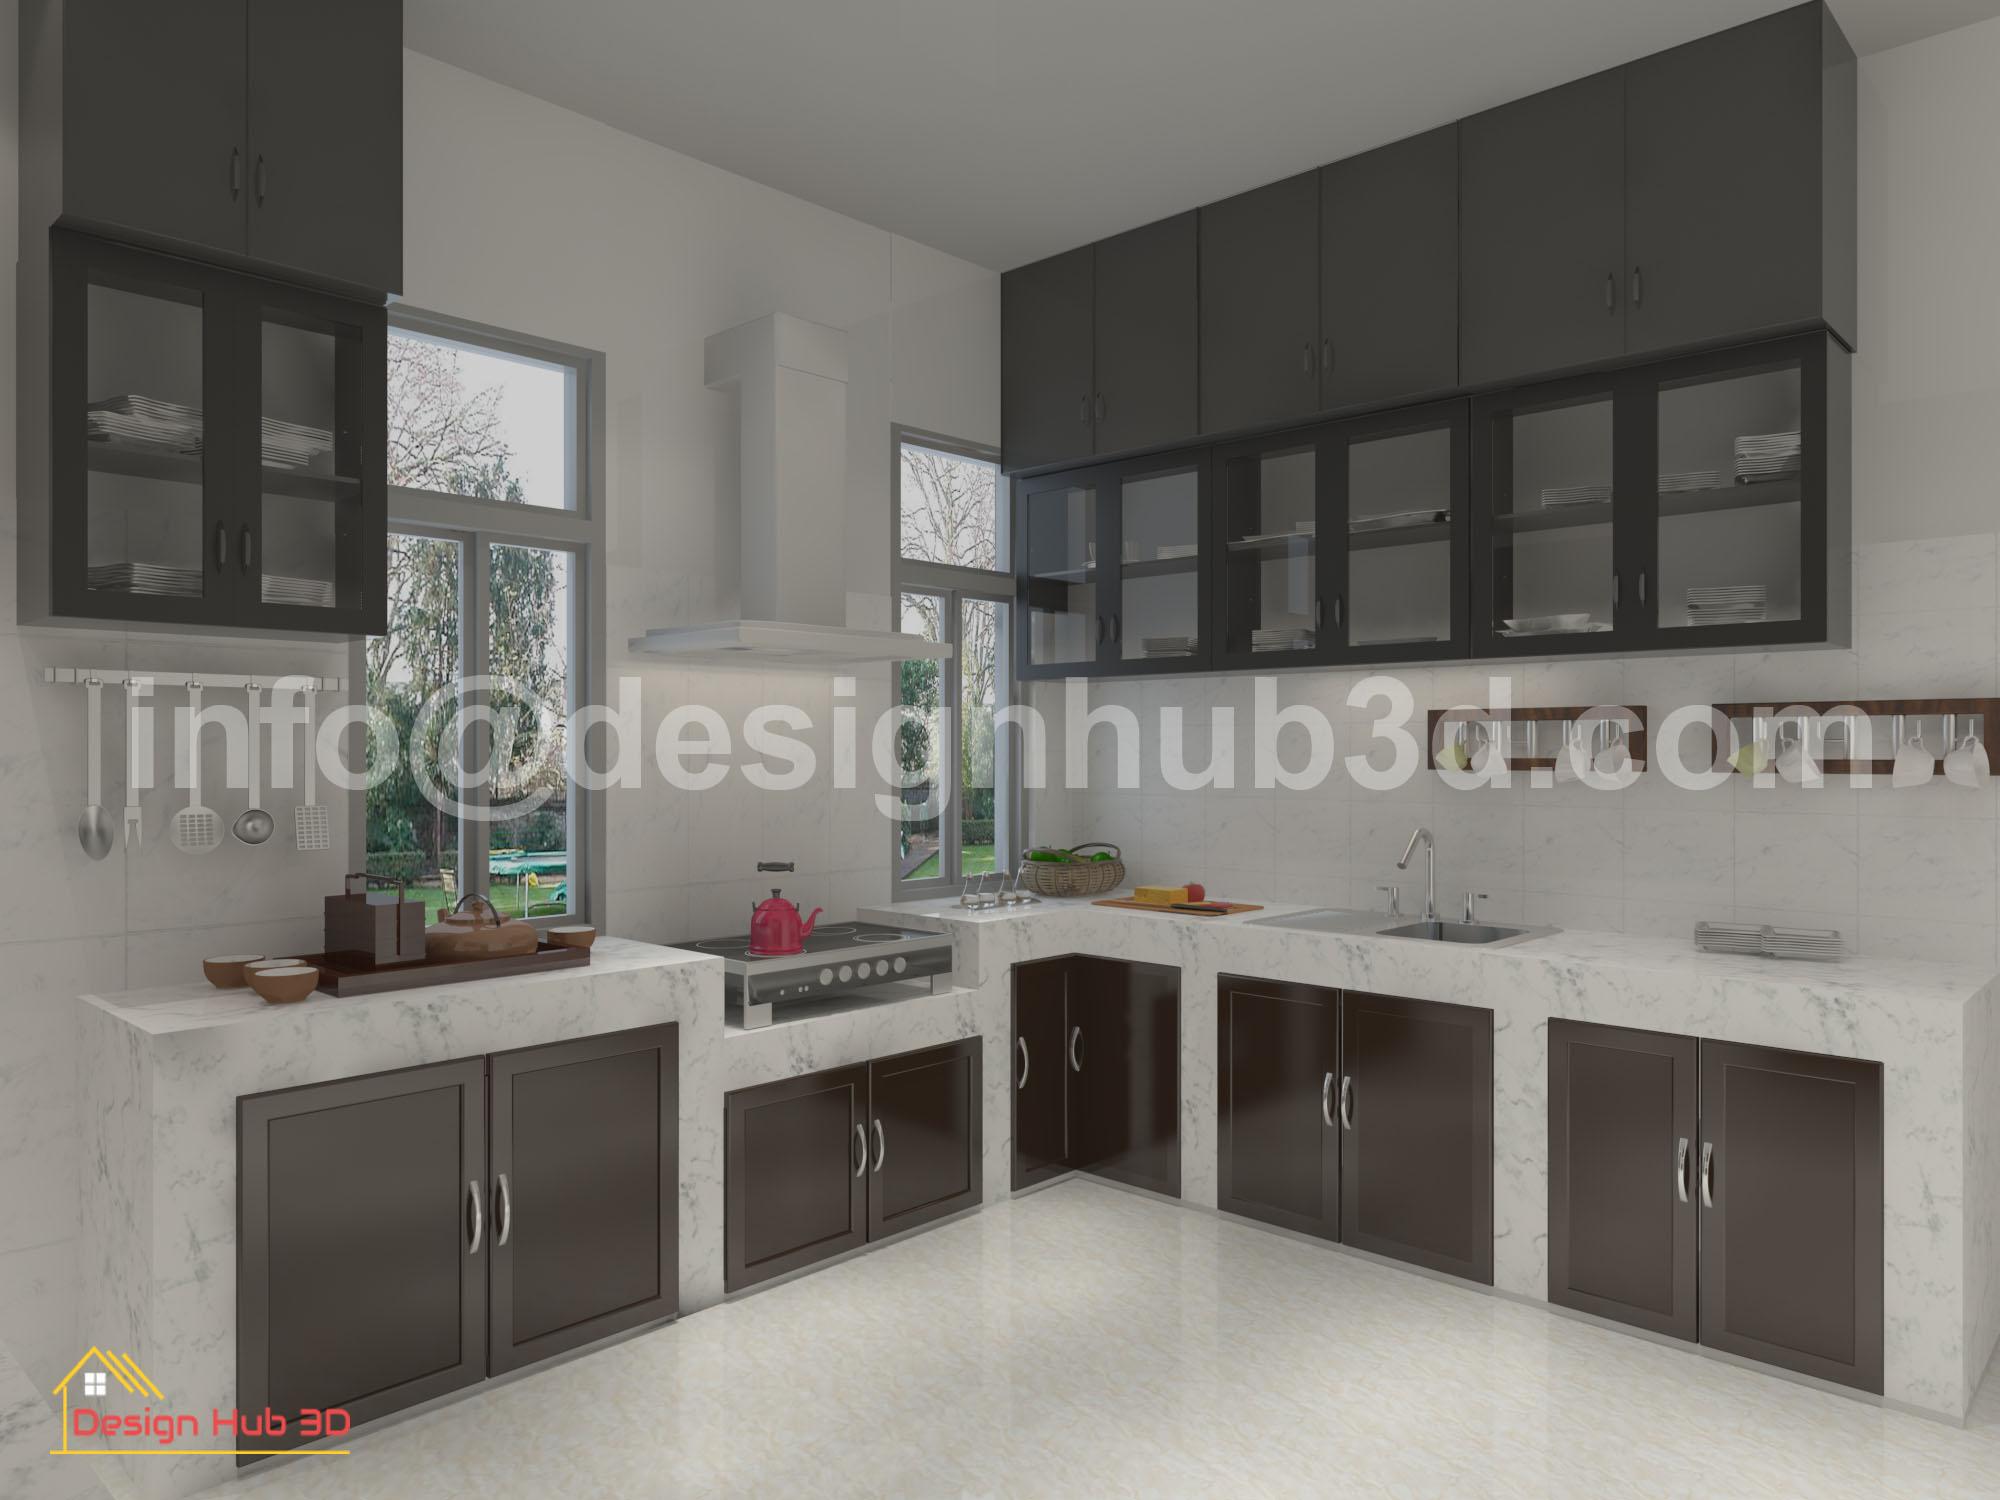 DesignHub 3D-Interior Design